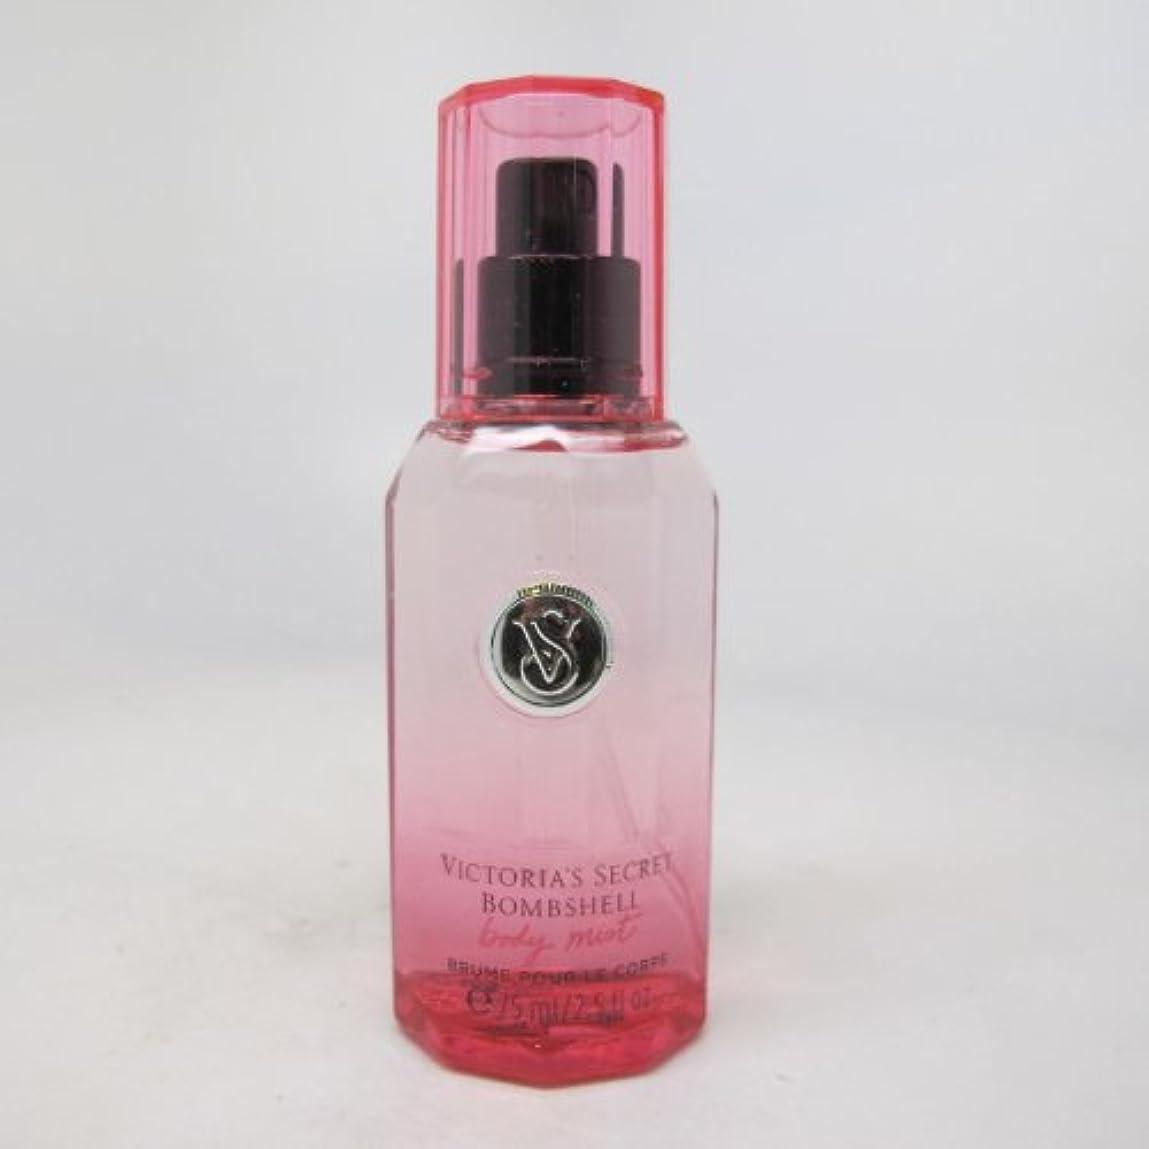 スペイン語マトロン反逆Bombshell (ボム シェル) 2.5 oz (75ml) Body Mist by Victoria Secret for Women[海外直送品]